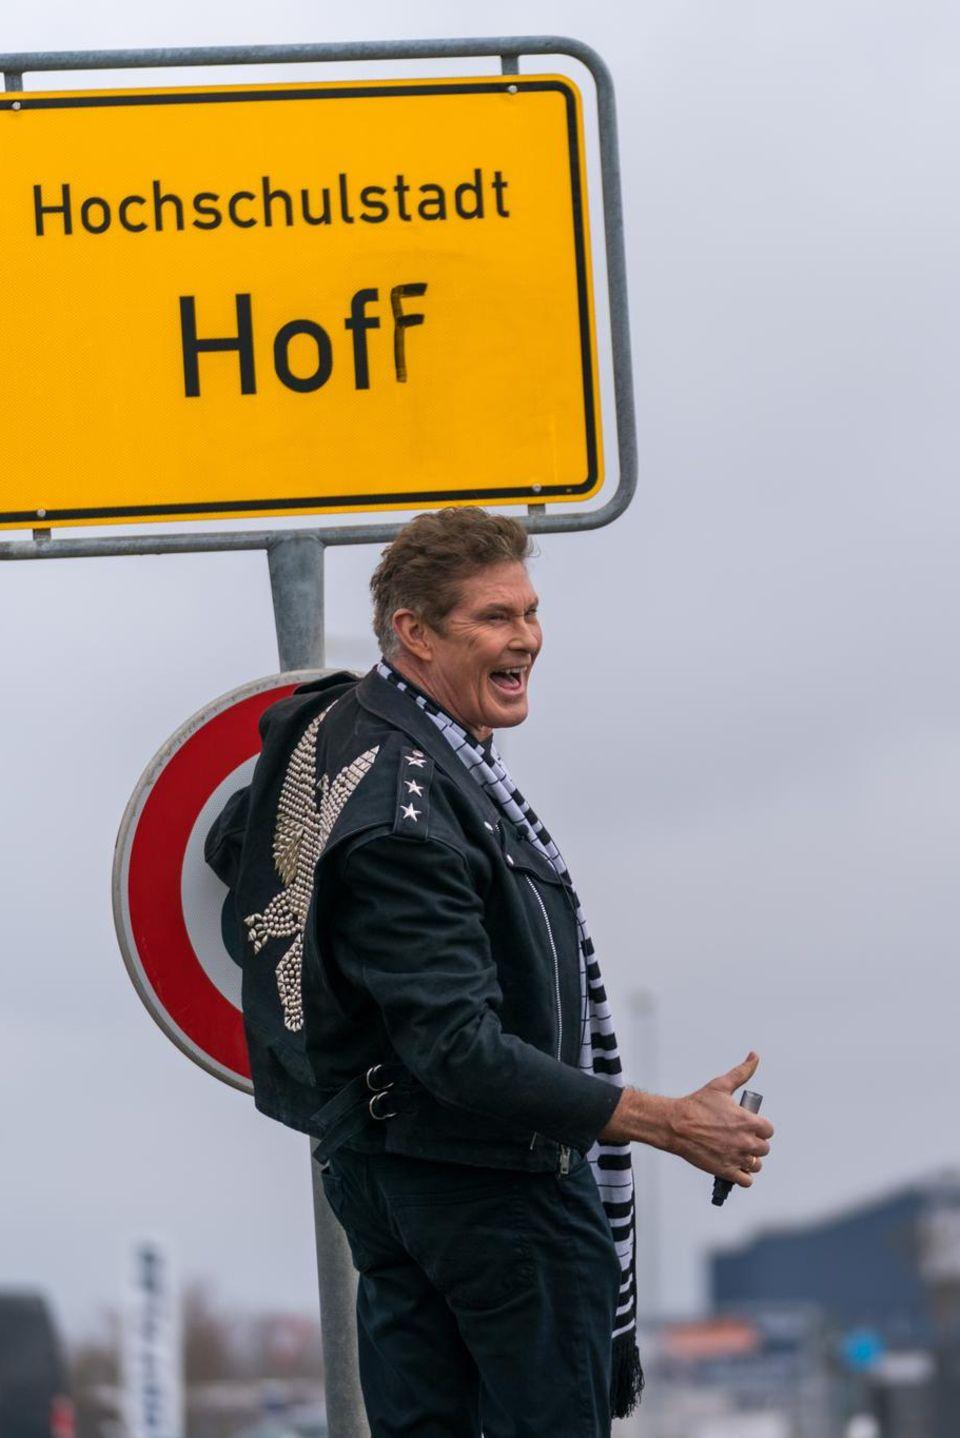 """28. März 2018   Für verrückte Aktionen ist er immer zu haben: Baywatch-Star David Hasselhoff benannte kurzerhand bei seinem Besuch in der Carmen Nebel-Show die Stadt Hof in """"Hoff"""" um."""